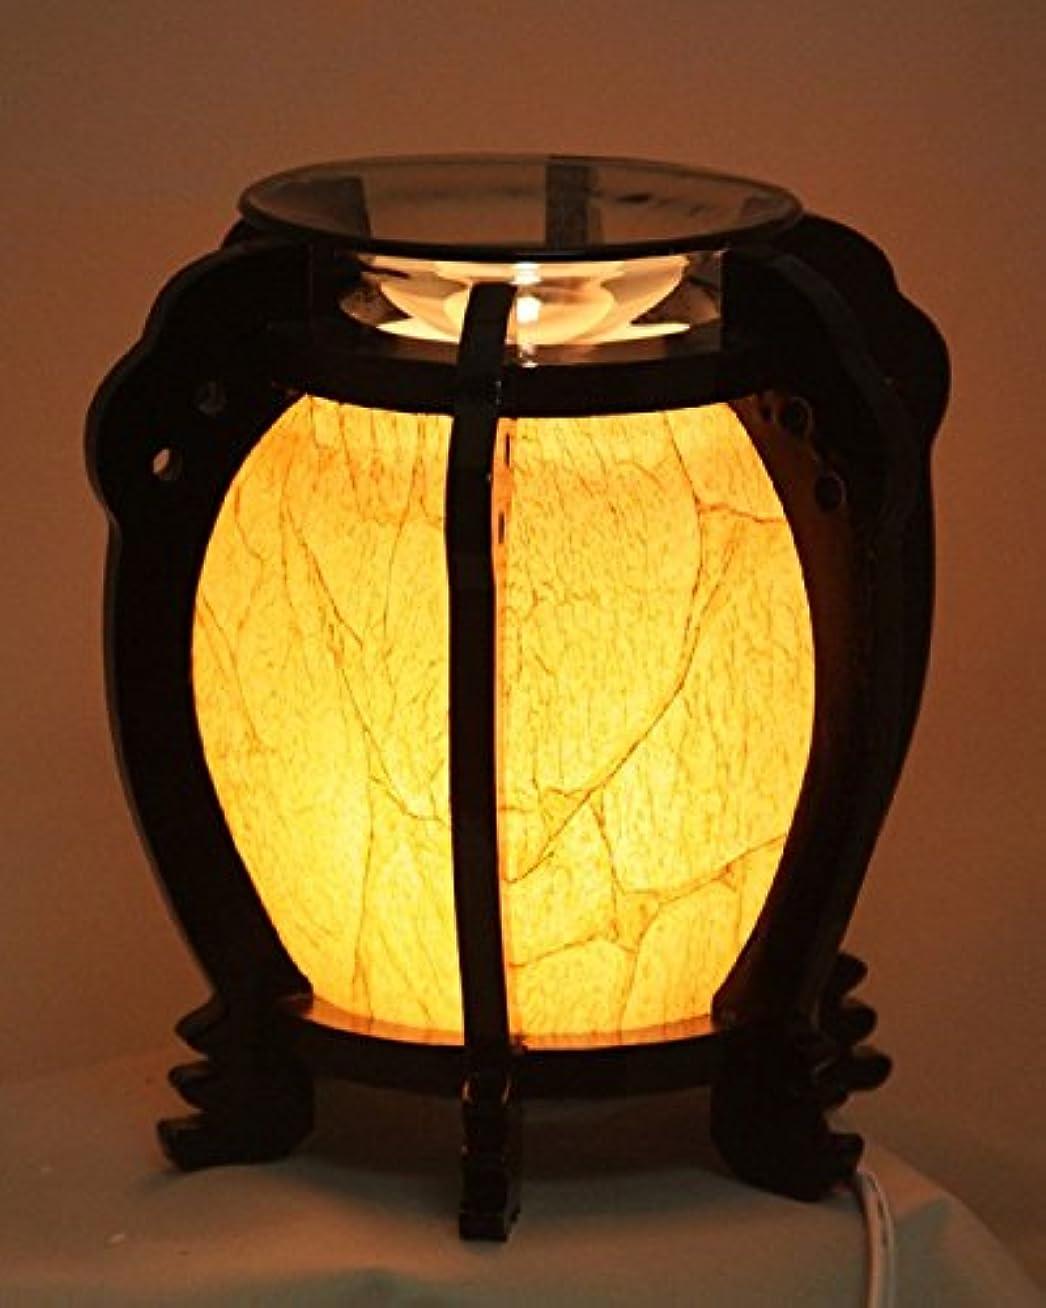 腰文芸四木製ラウンド( ew-647 ) Electric Fragrance Oil Tart Warmer ( Burner / Warmer /ランプ) withディマースイッチ